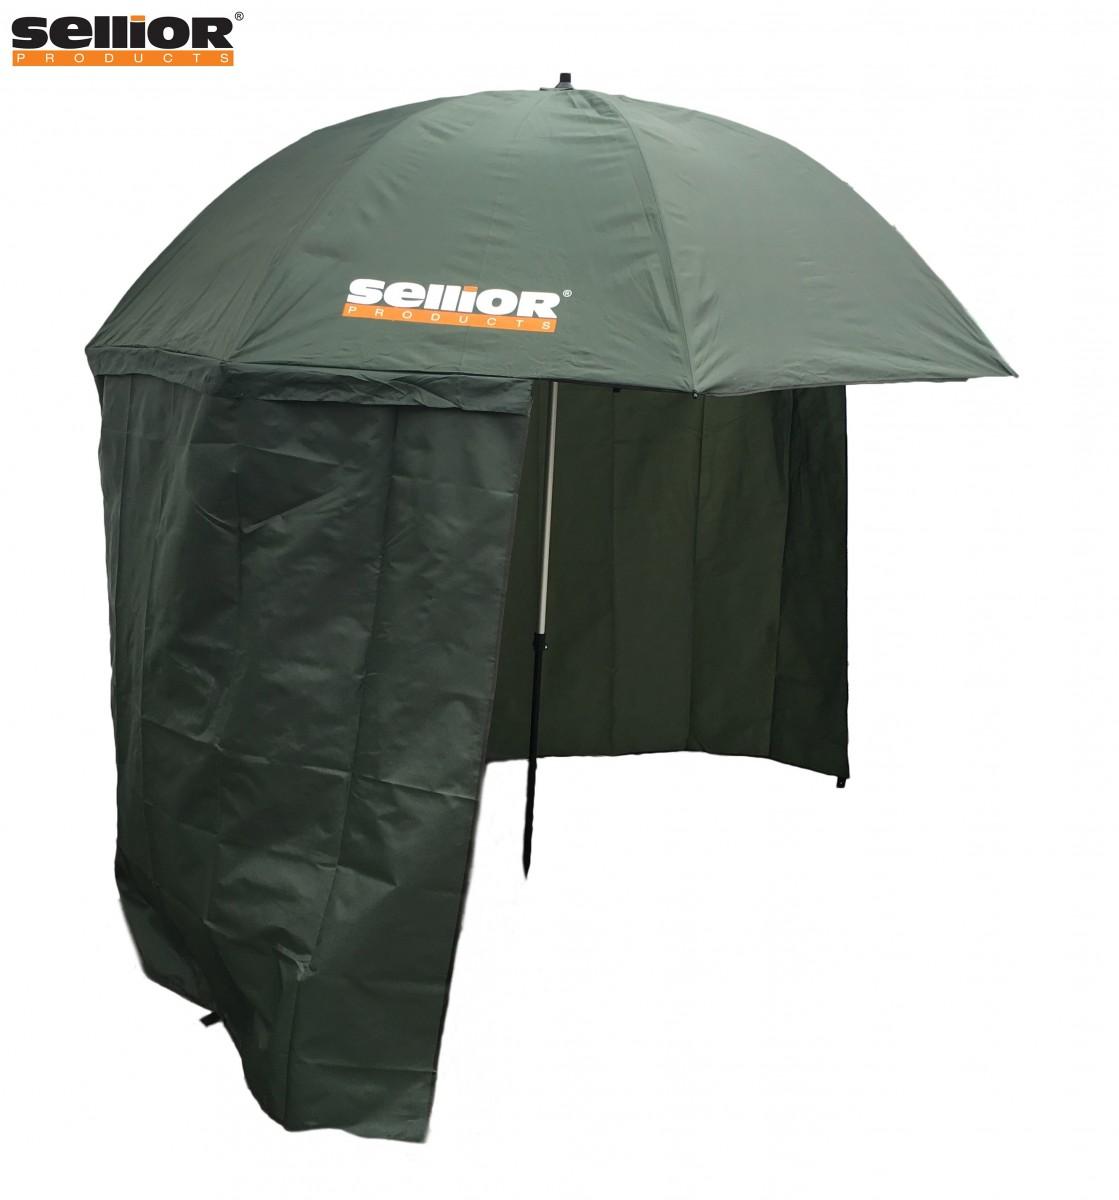 deštník s bočnicí Sellior Element Half Cover 250